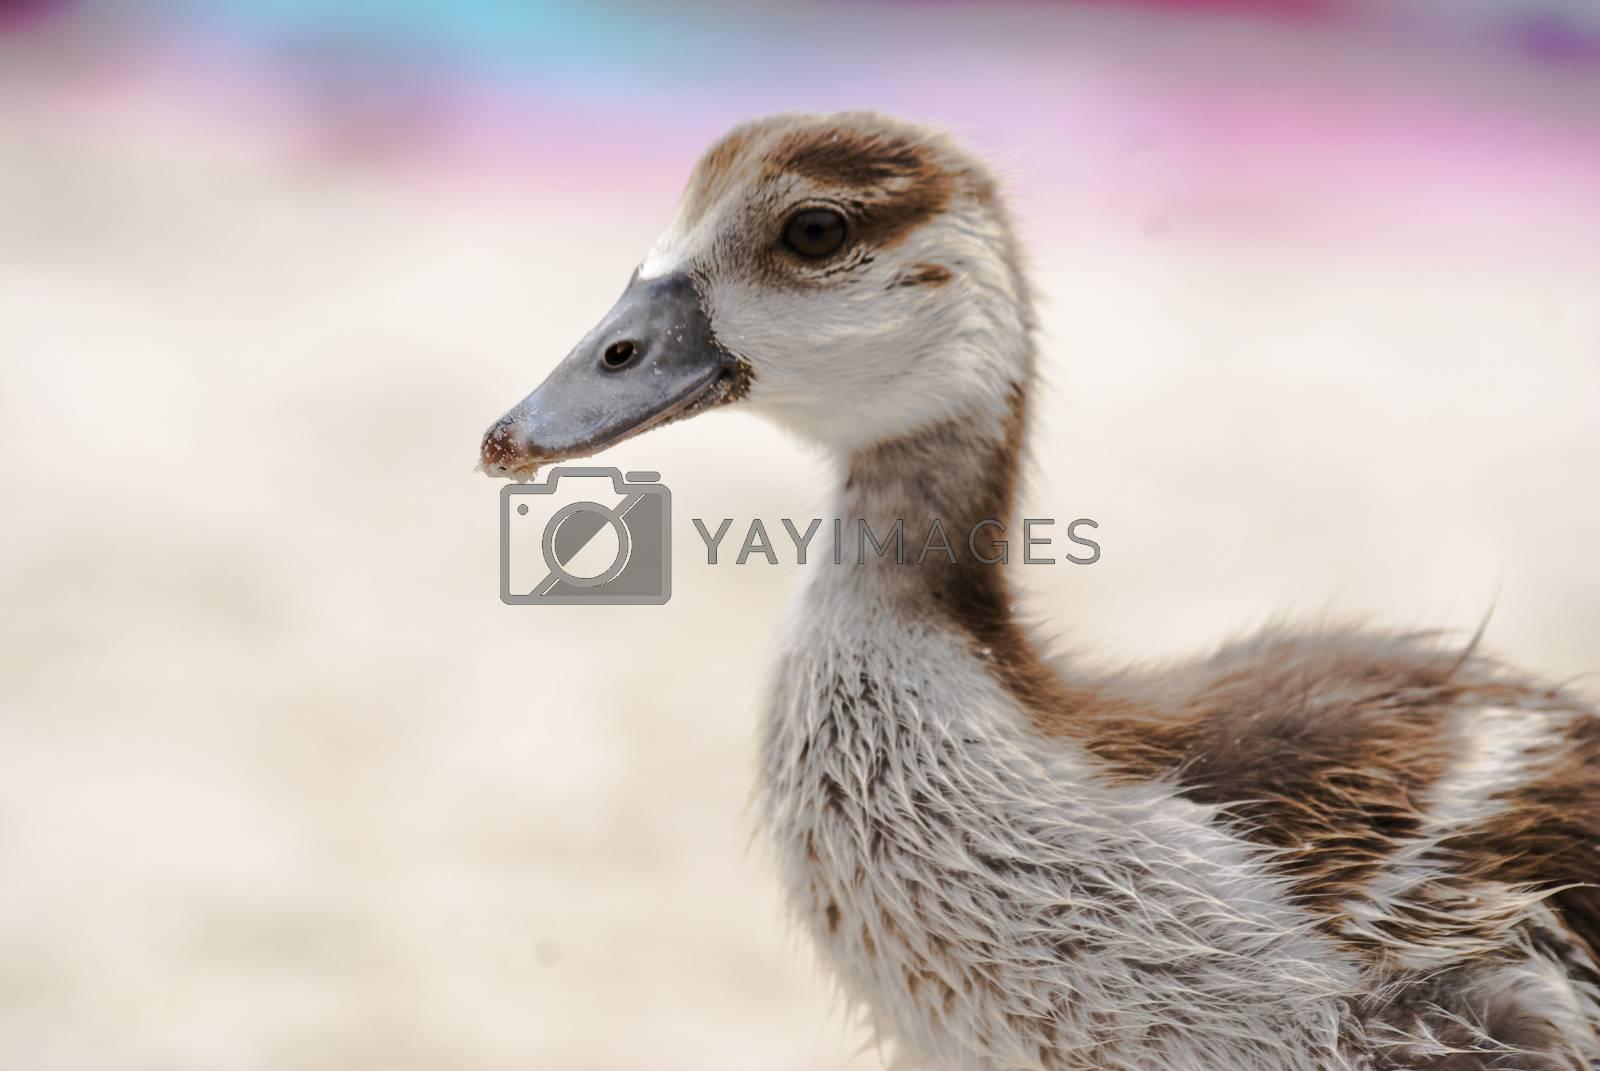 A close up of an Egiptian gosling